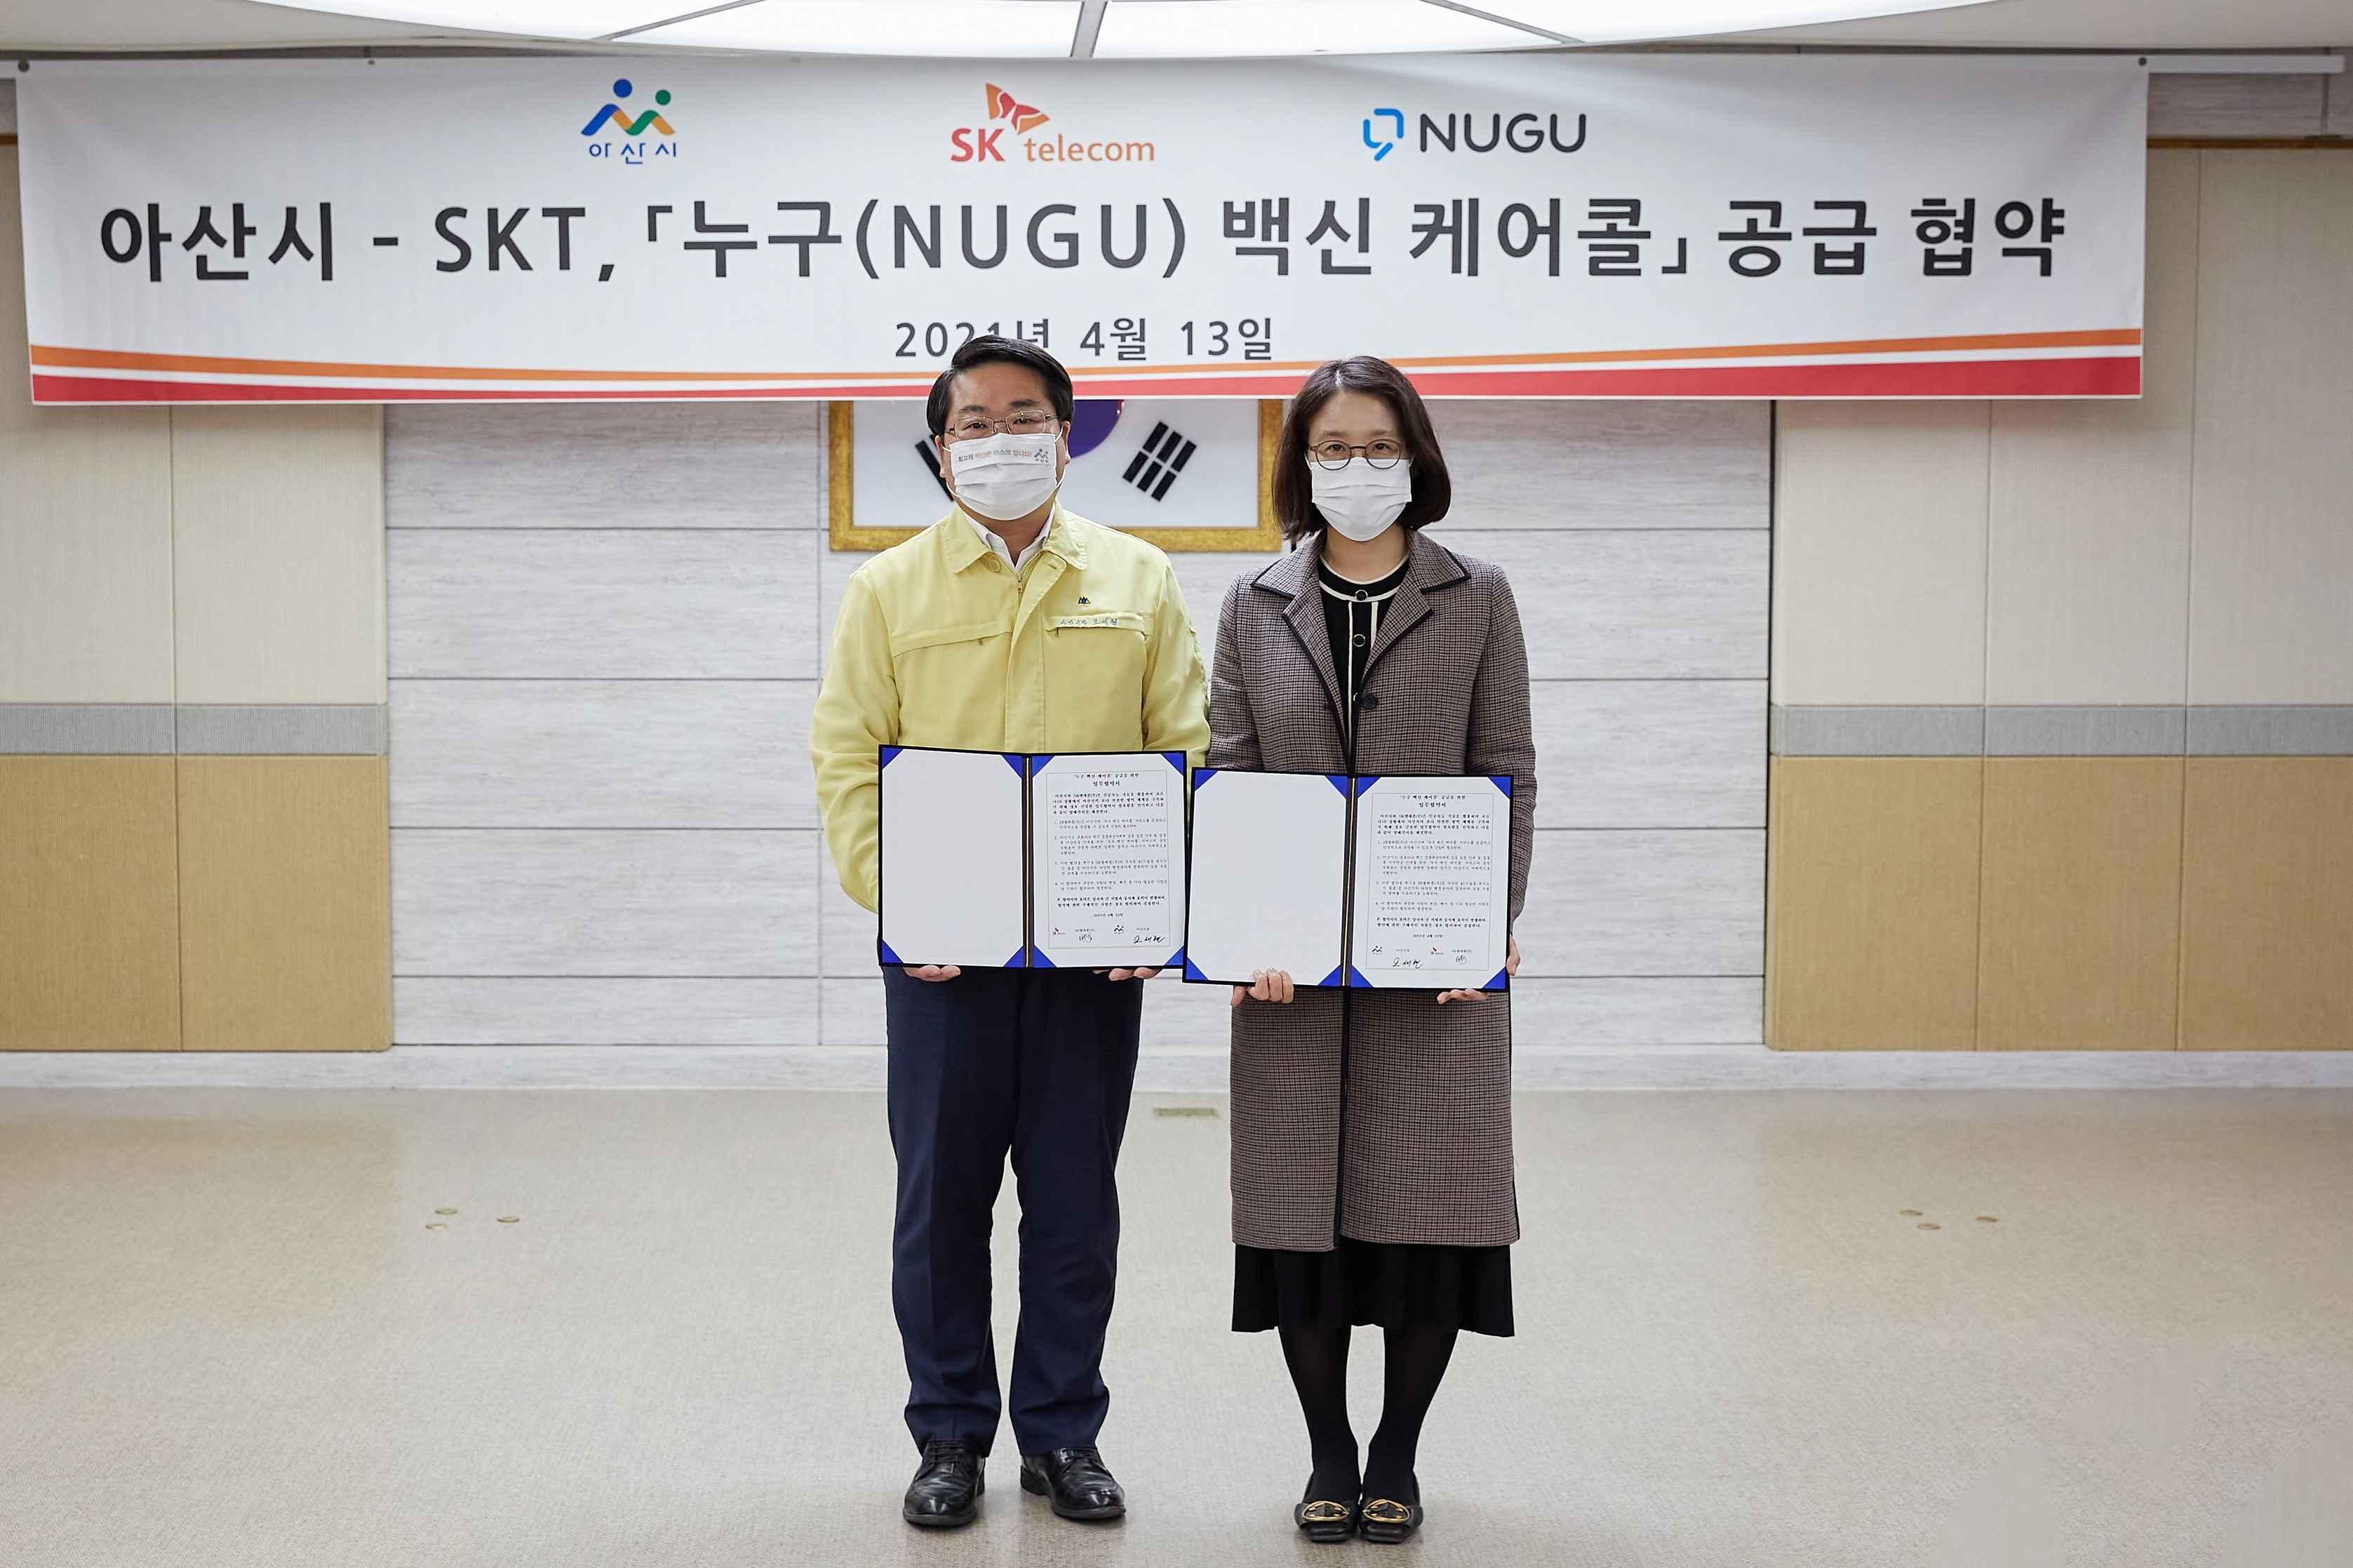 아산시-SKT, 전국 최초 AI를 통한 코로나19 백신 접종안내 및 이상반응 모니터링 업무협약 체결 관련사진